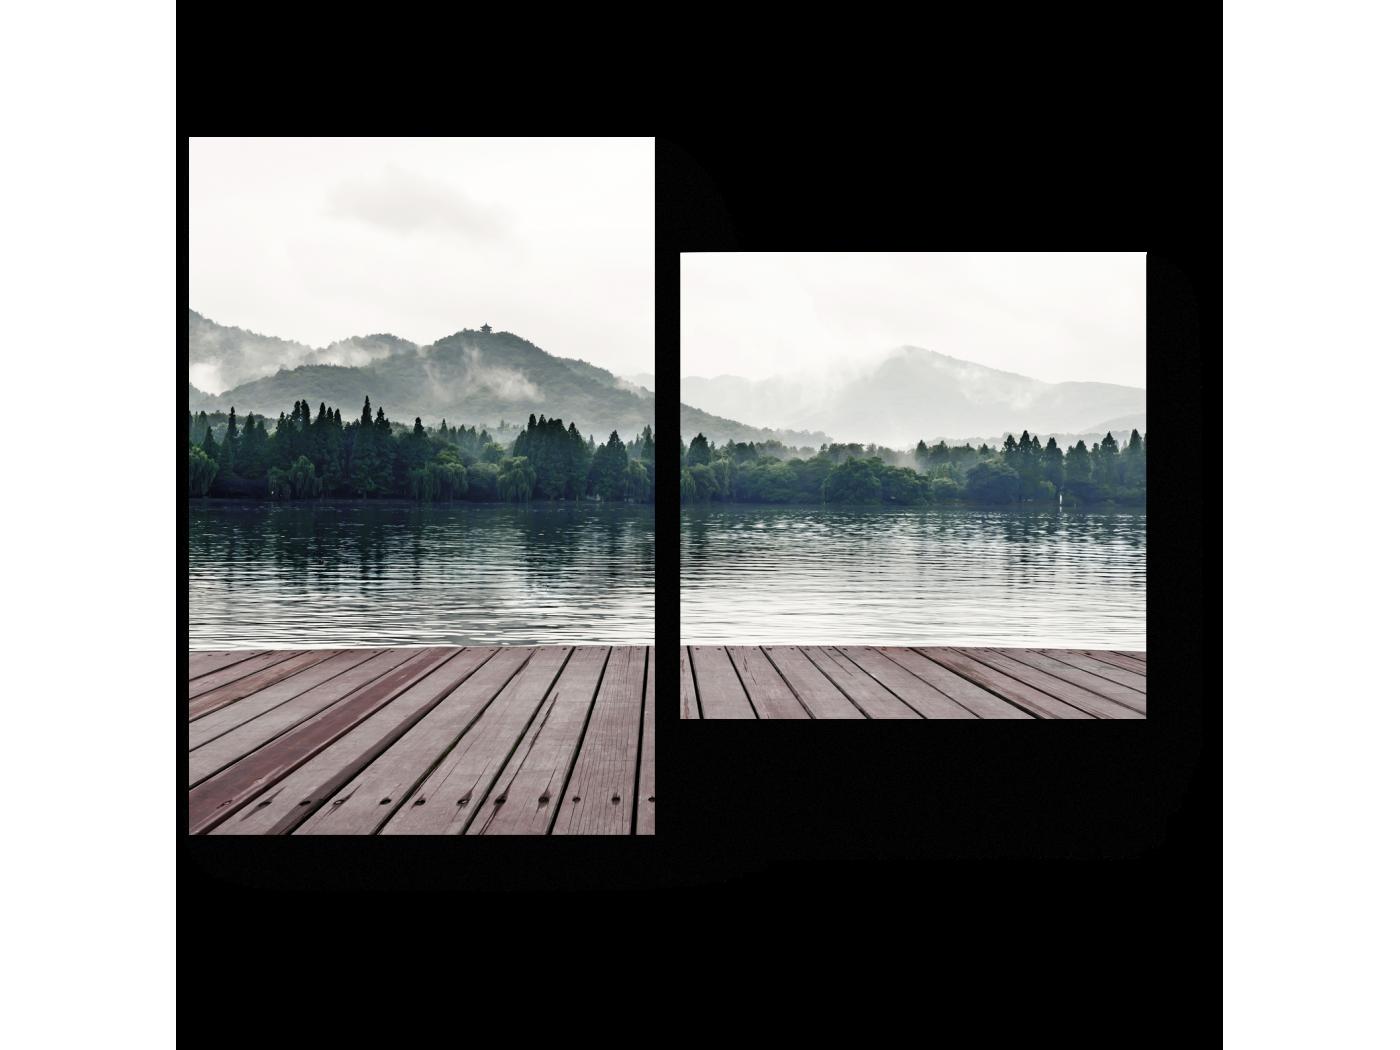 Модульная картина Летнее спокойствие (40x30) фото